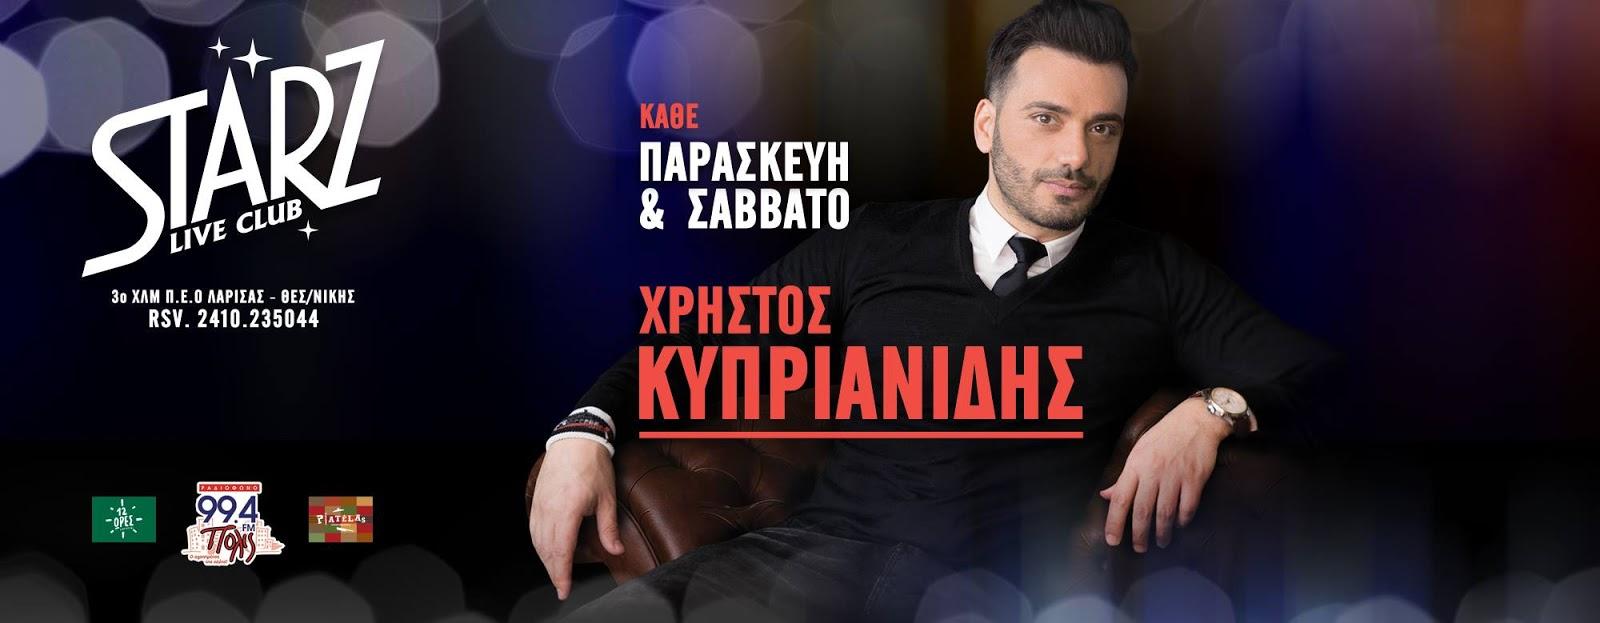 Σαββατόβραδο στο STARZ Live Club με τον Χρήστο Κυπριανίδη